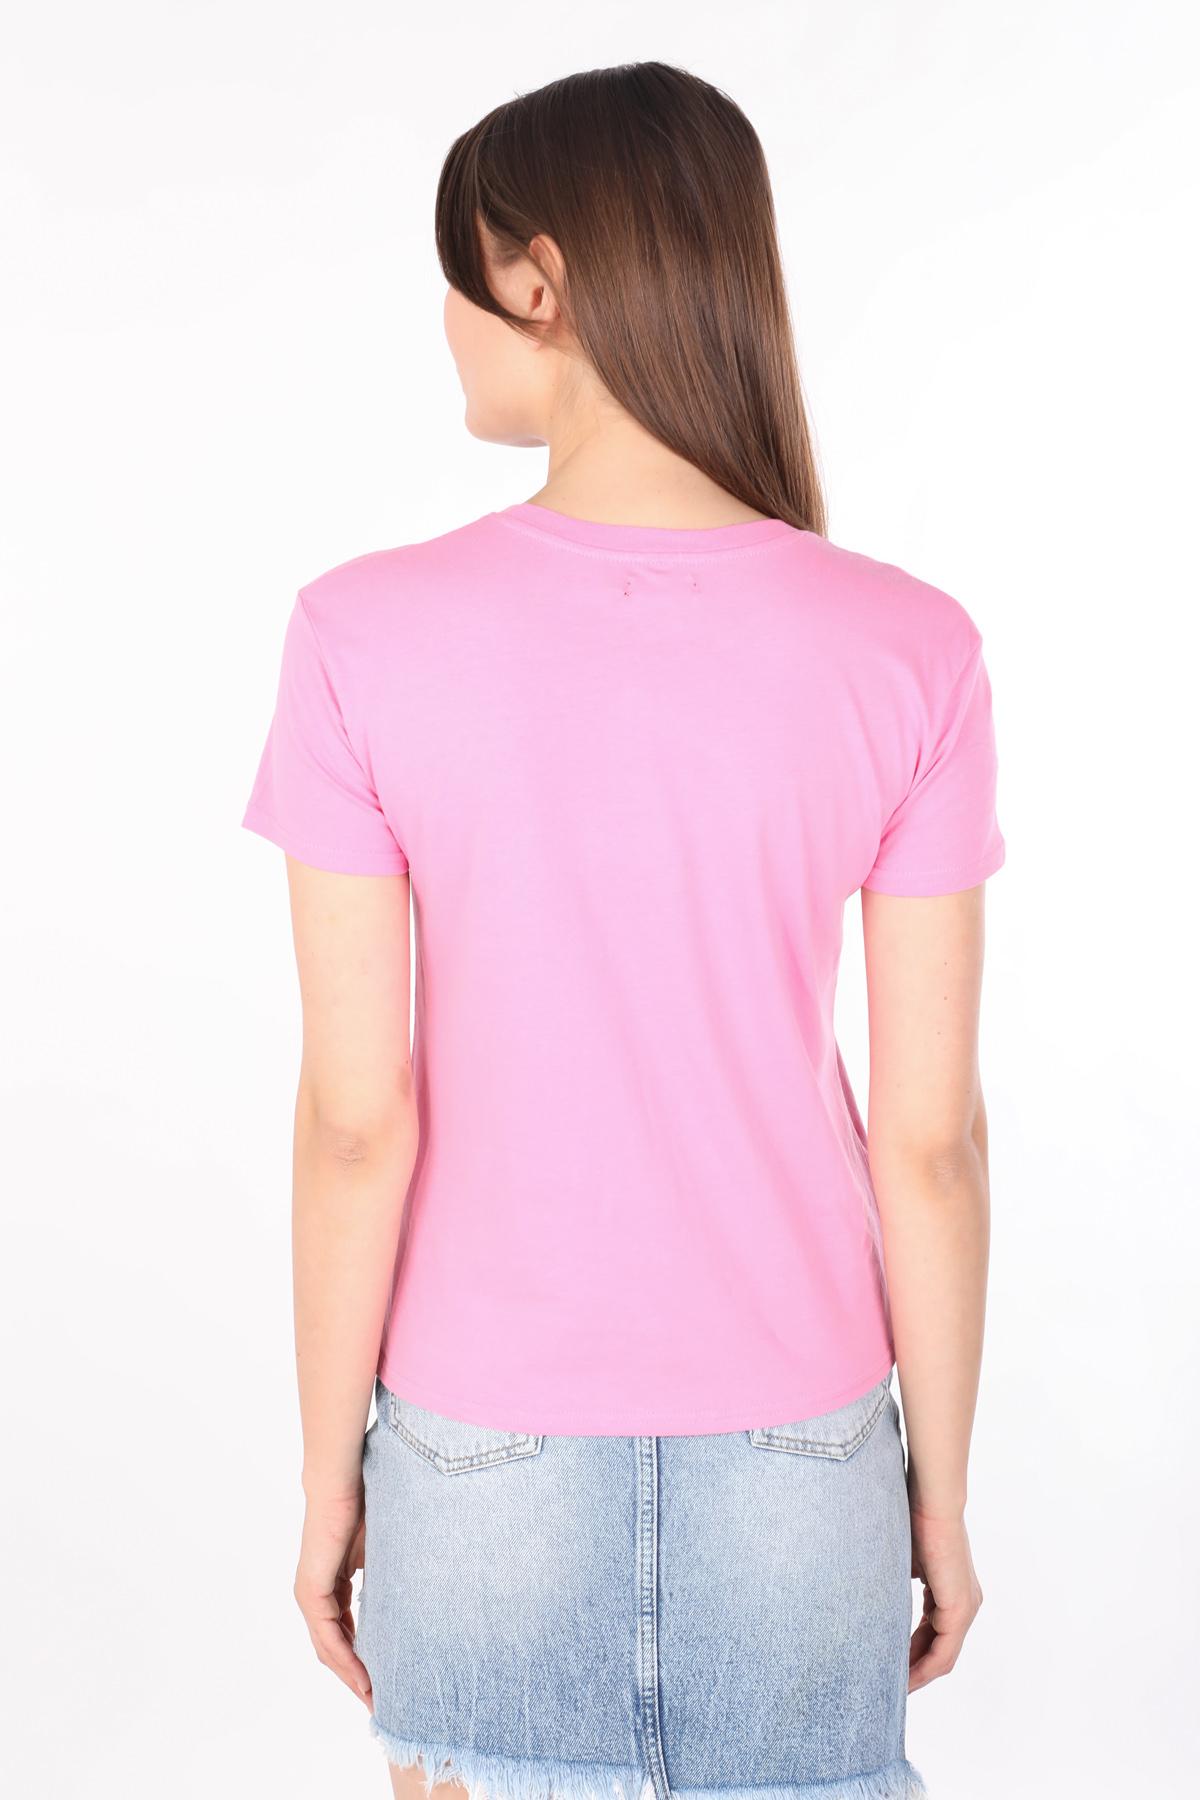 Kadın Baskılı Bisiklet Yaka T-shirt Pembe